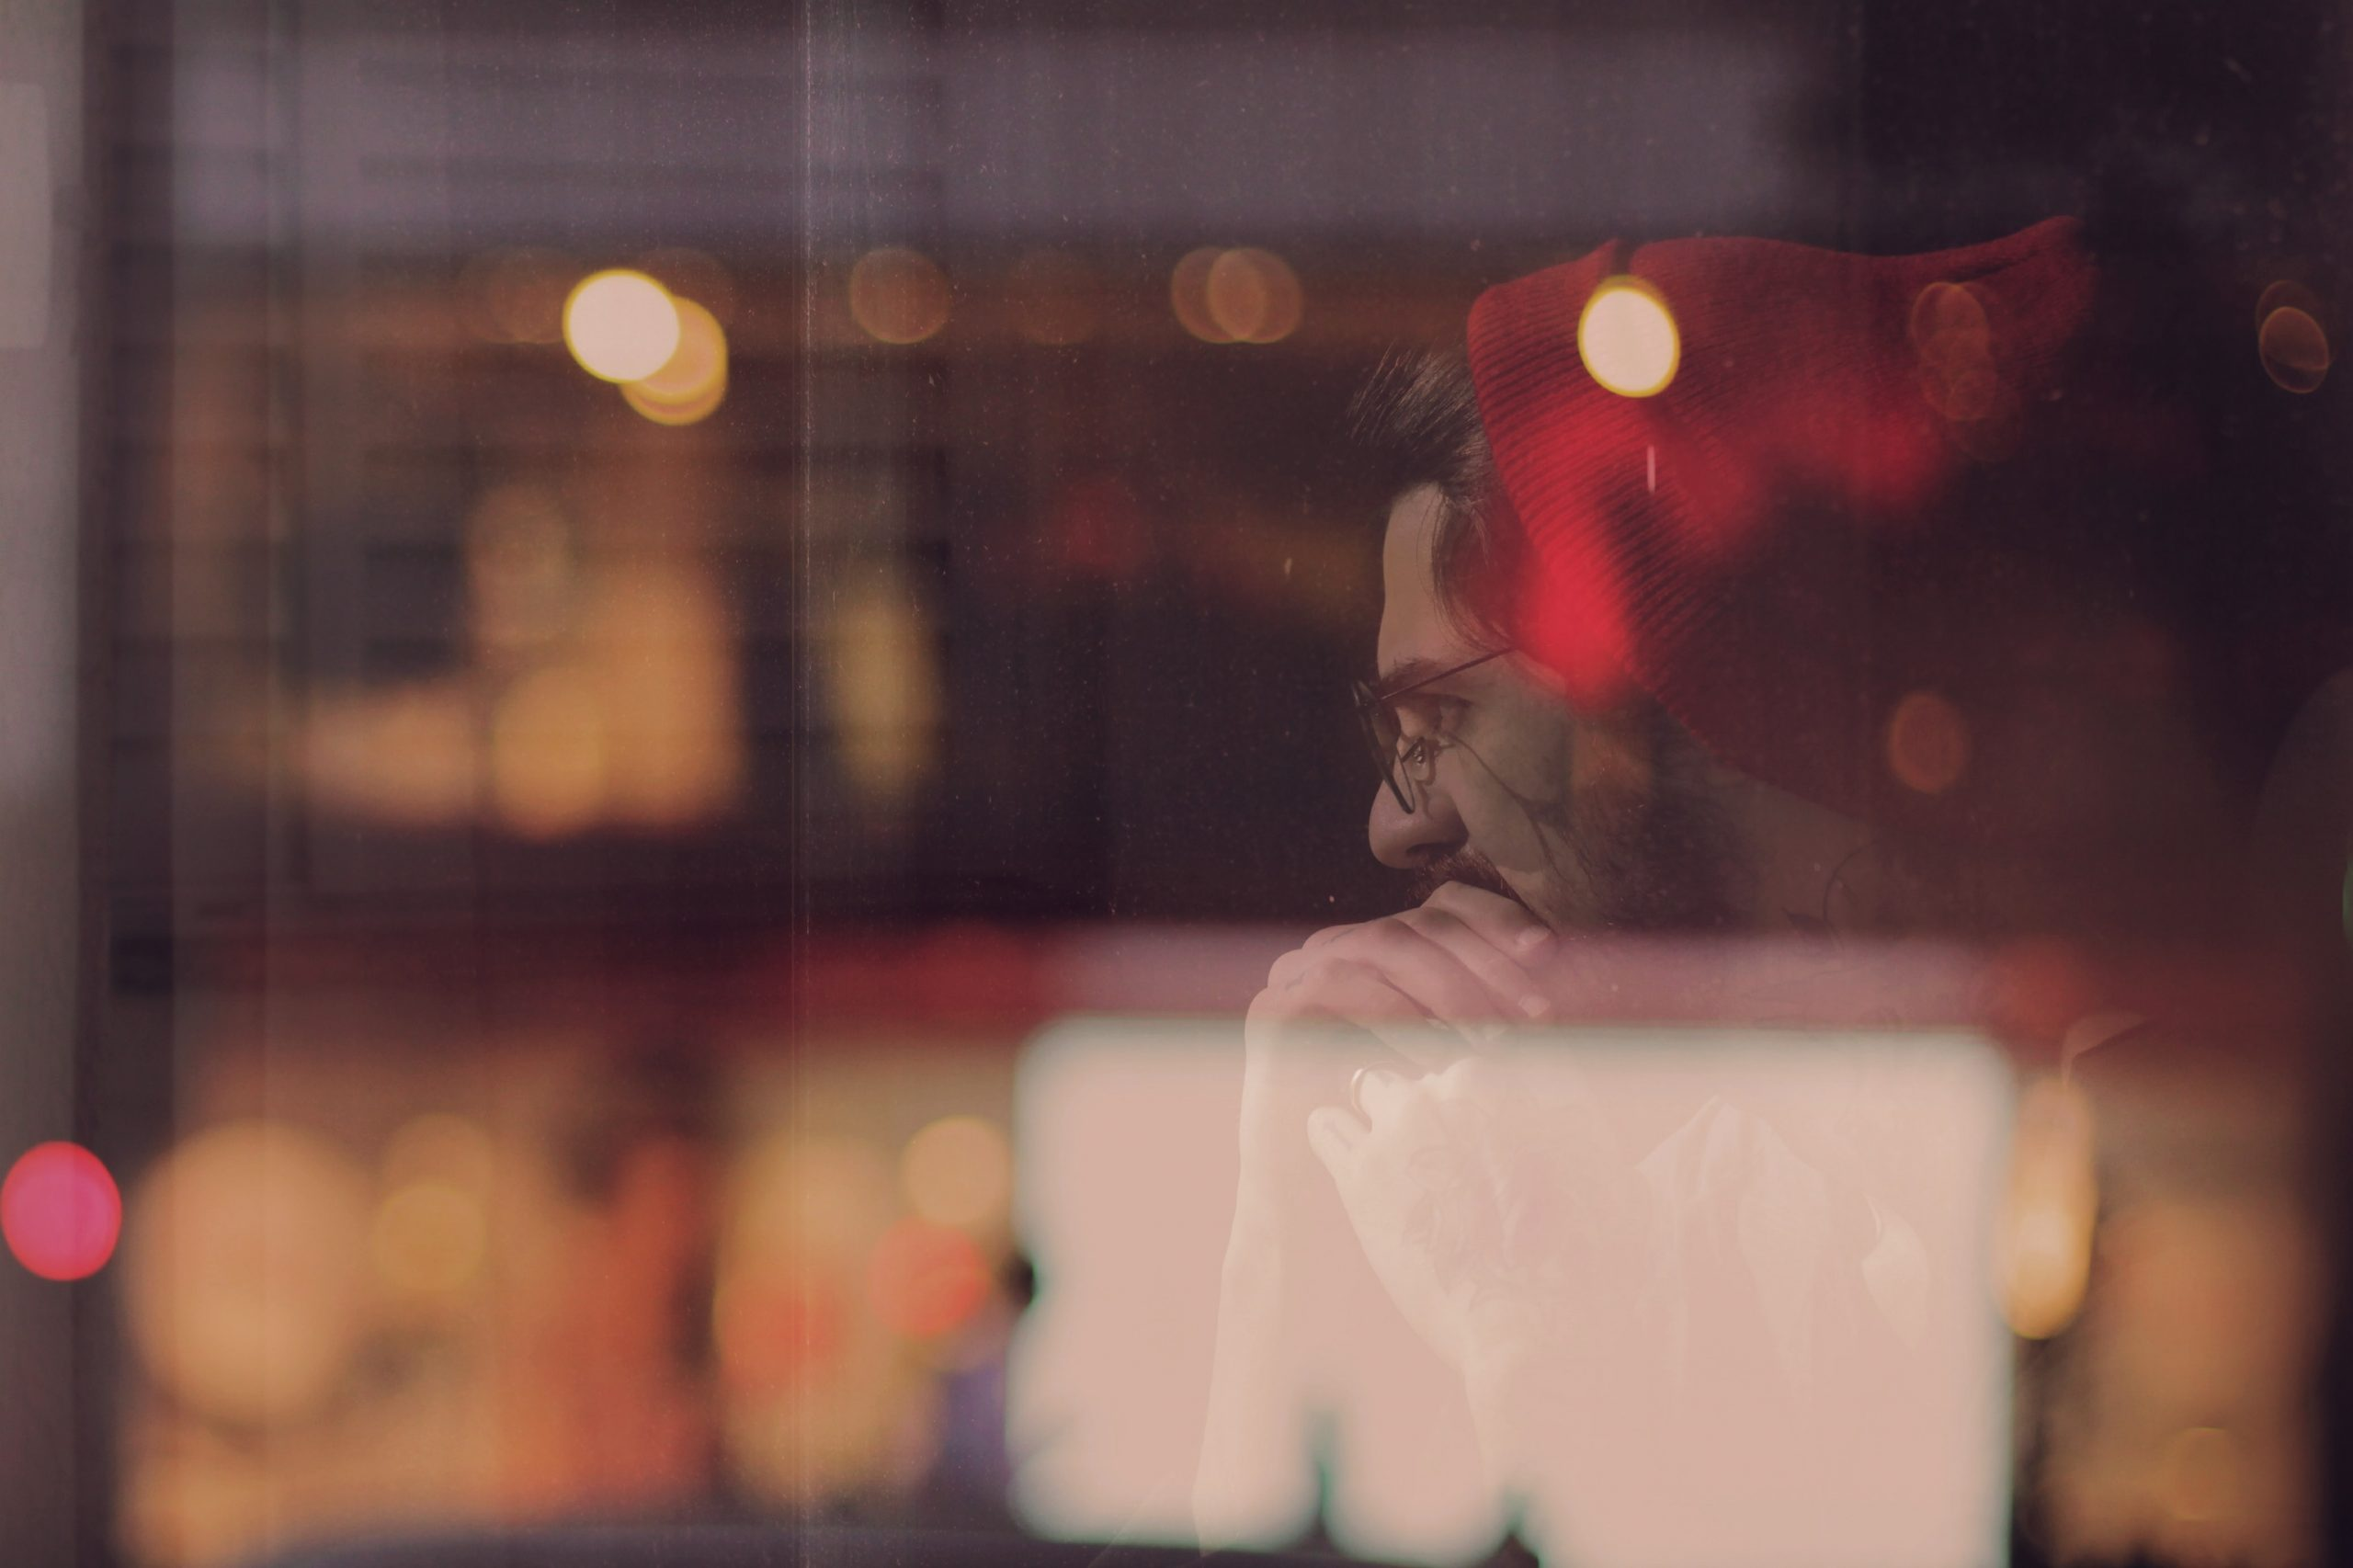 Homme-reflexion-vitre